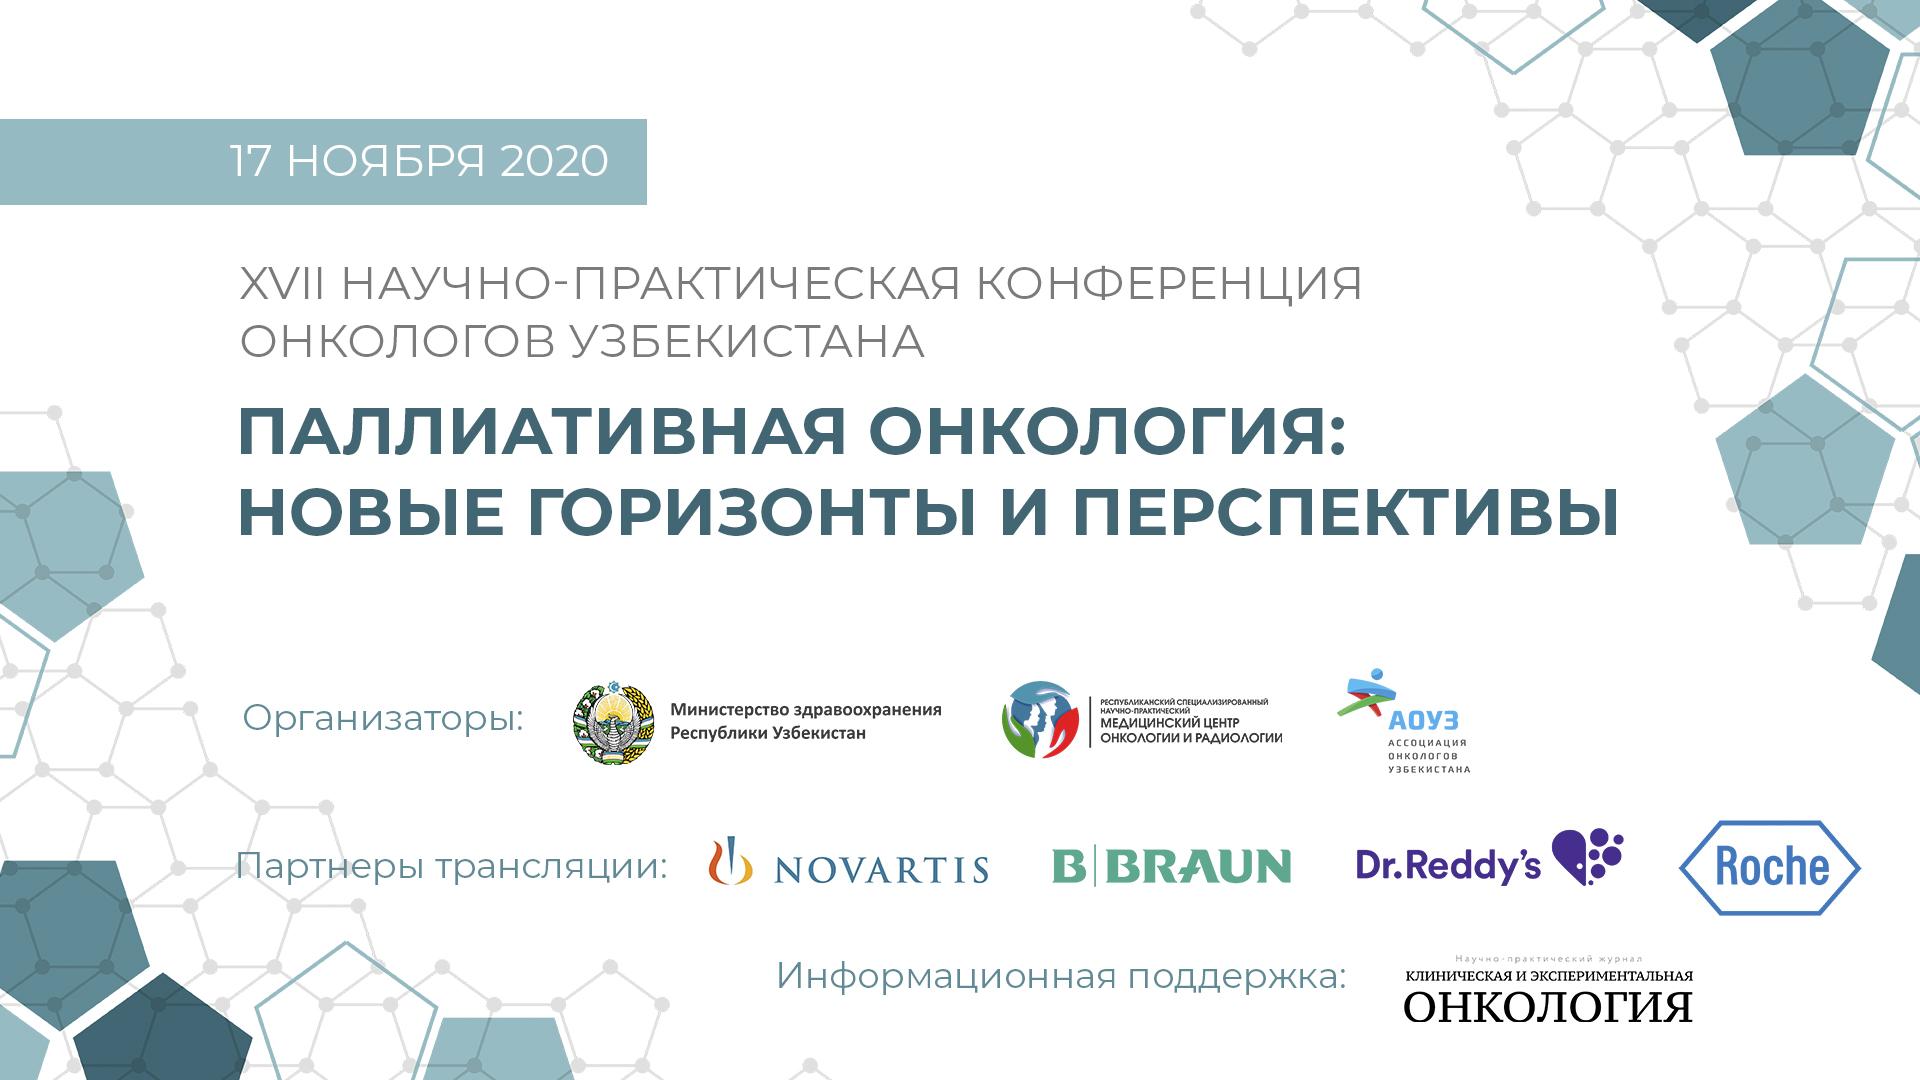 17 ноября прошла XVII научно-практическая конференция онкологов Узбекистана